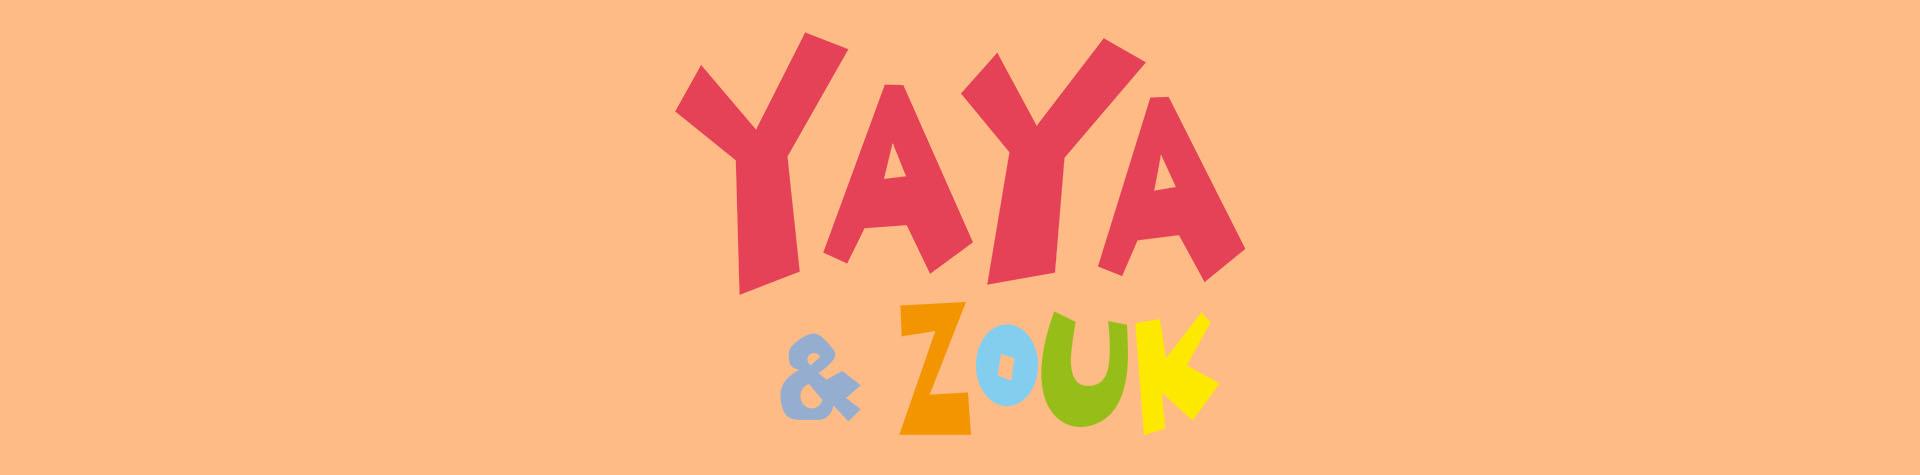 Yaya et Zouk -Large